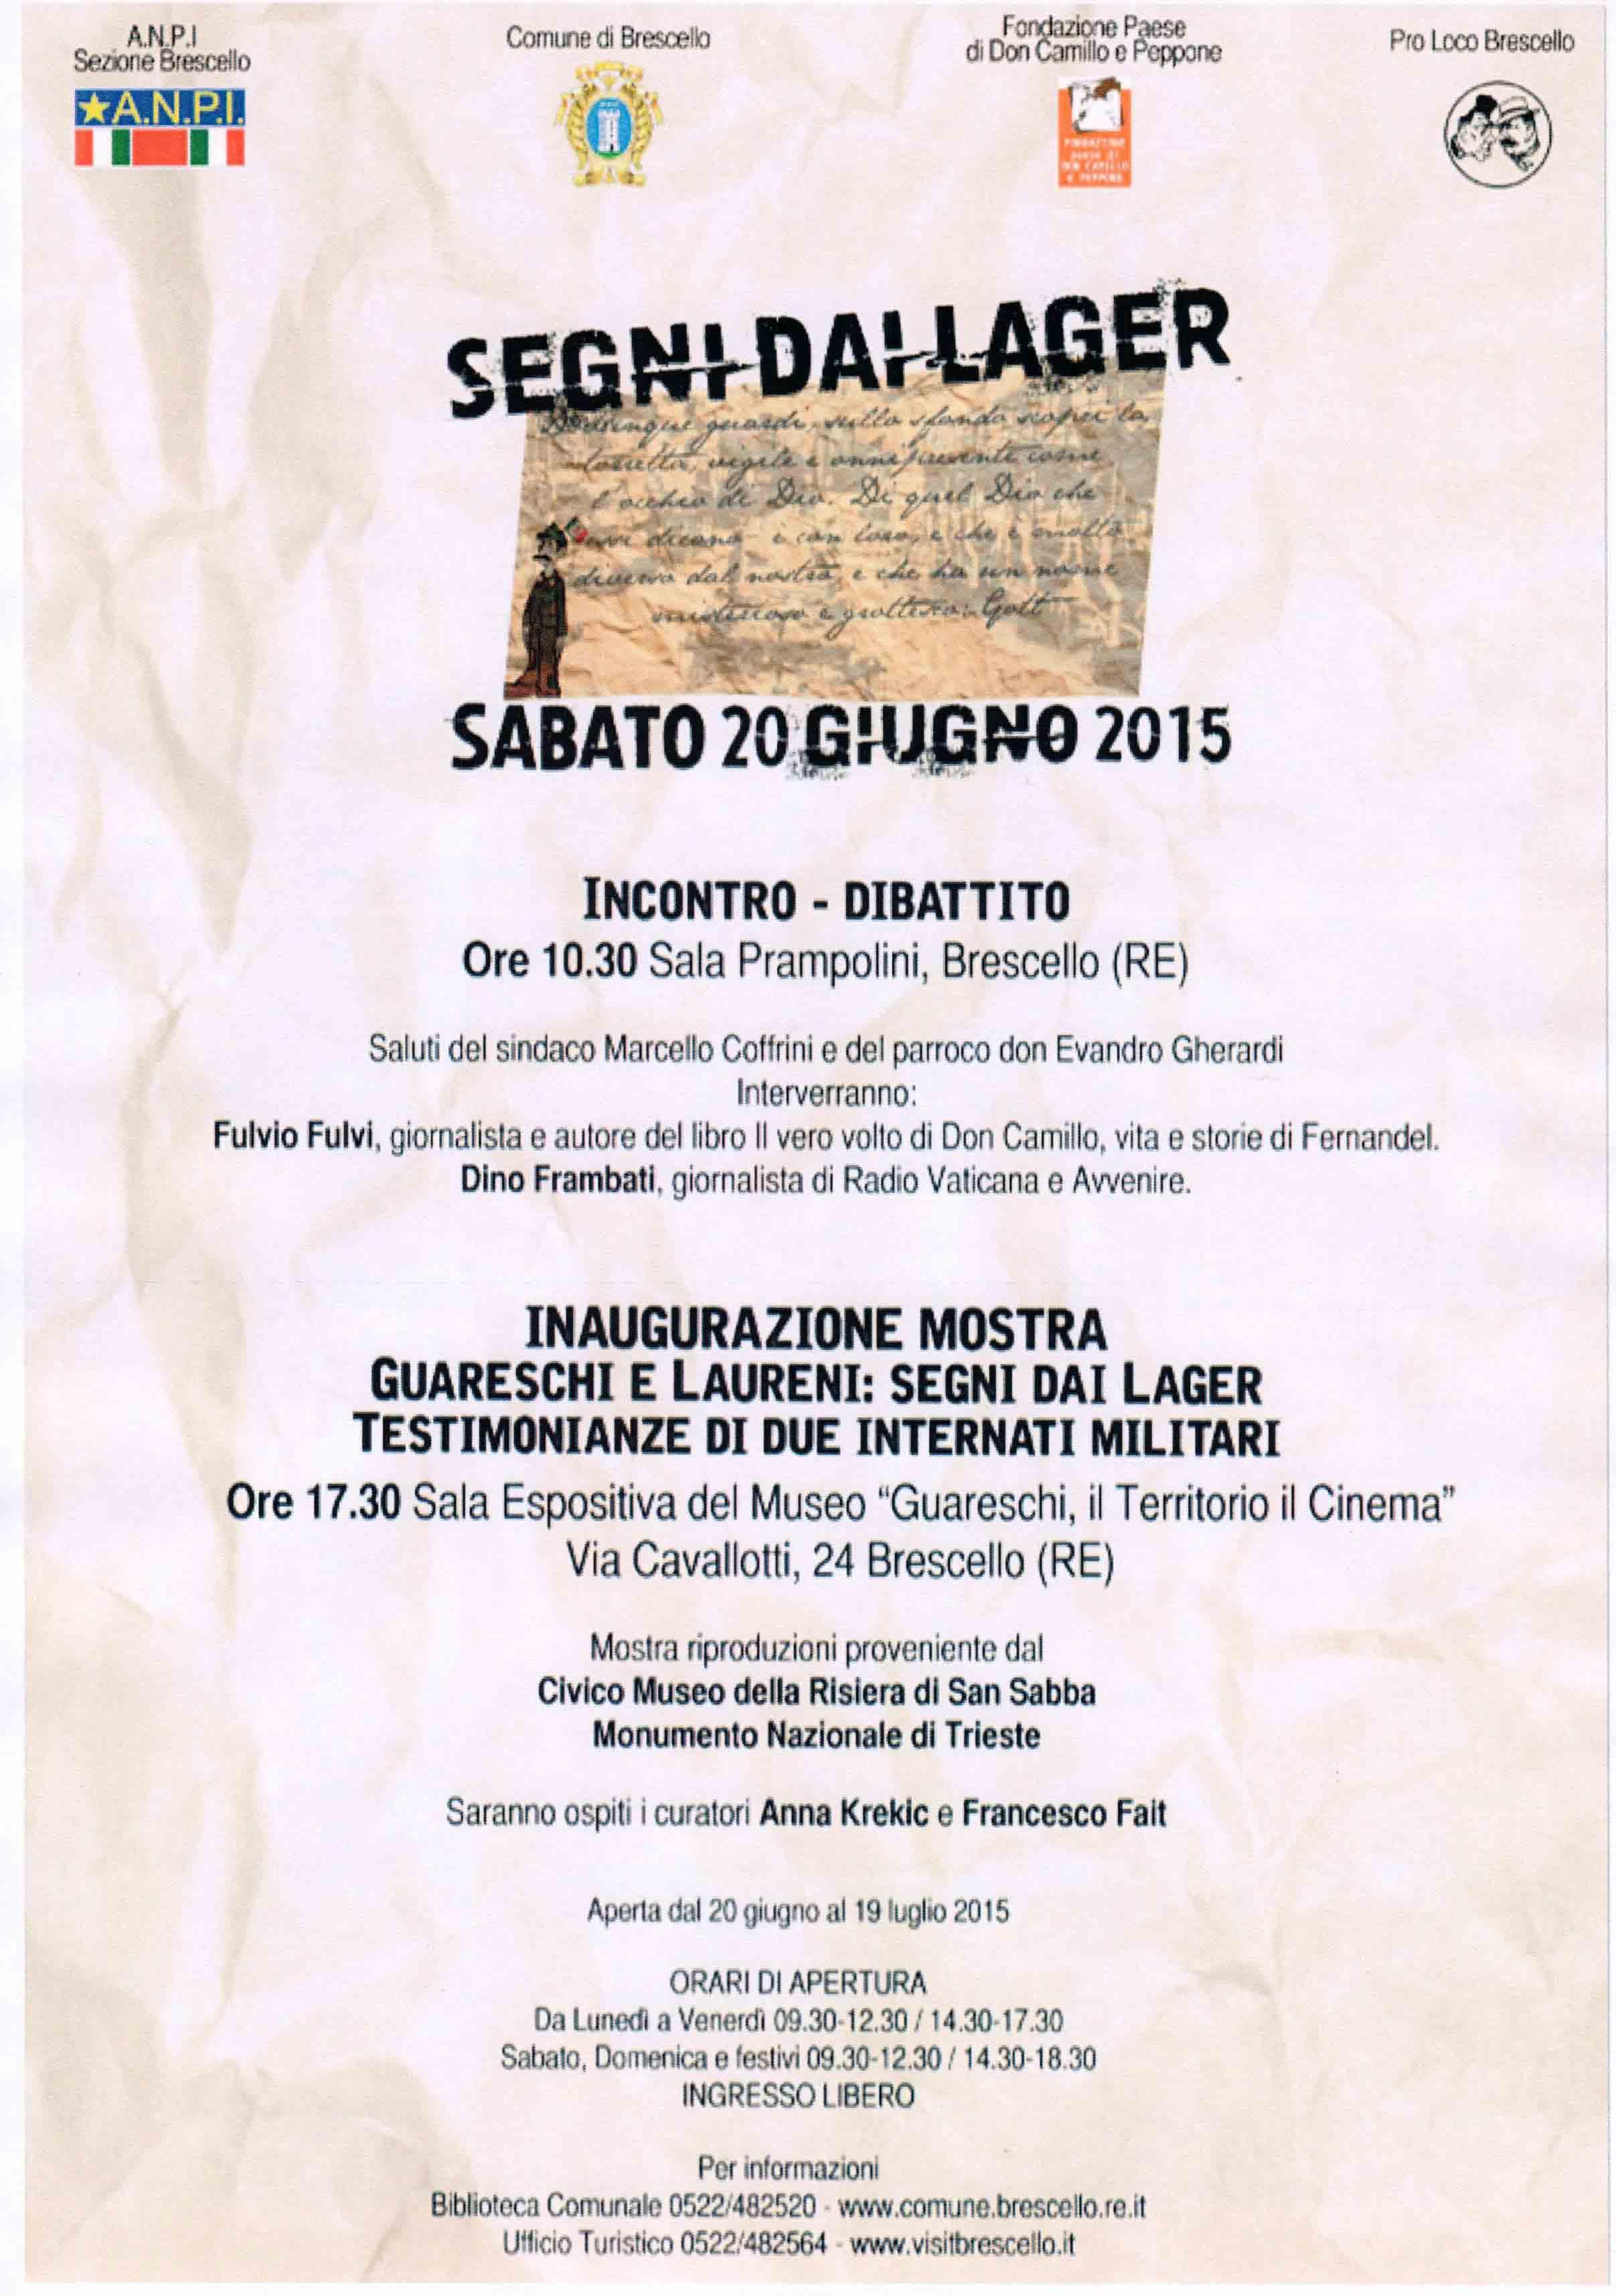 2015-Brescello-Segni-dai-Lager-Locandina-20_06